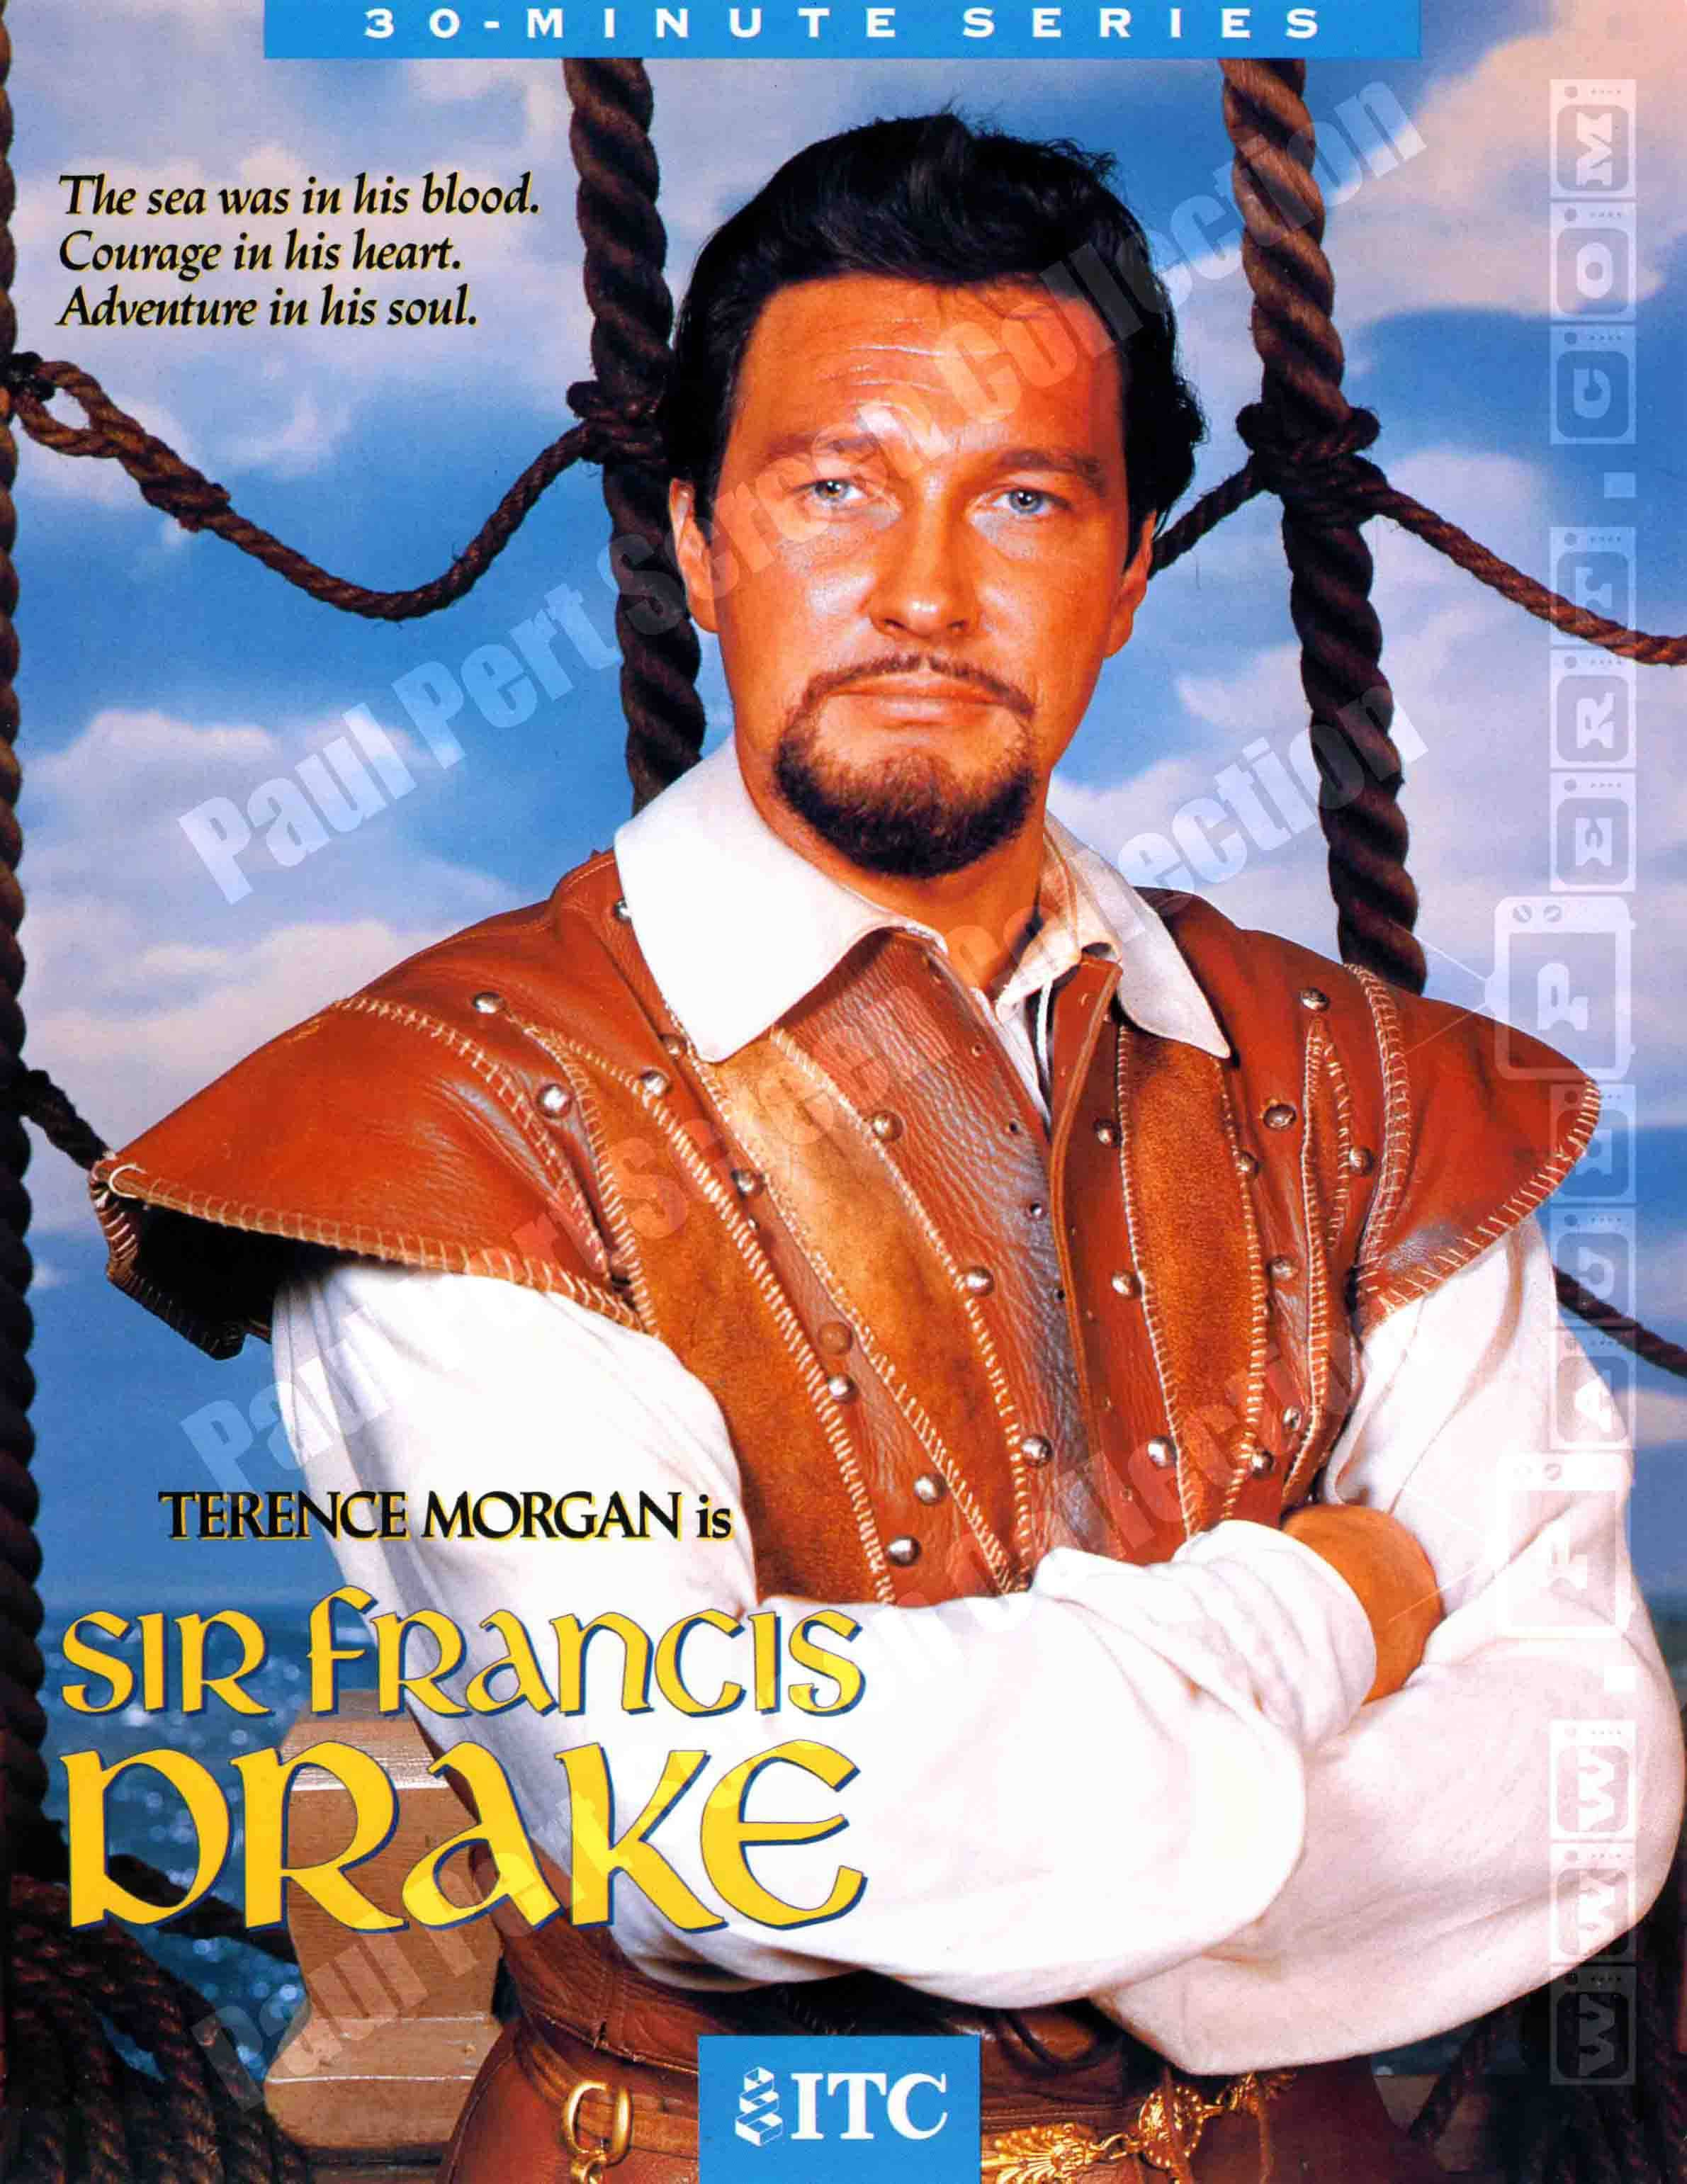 Sir Francis Drake (Terence Morgan)